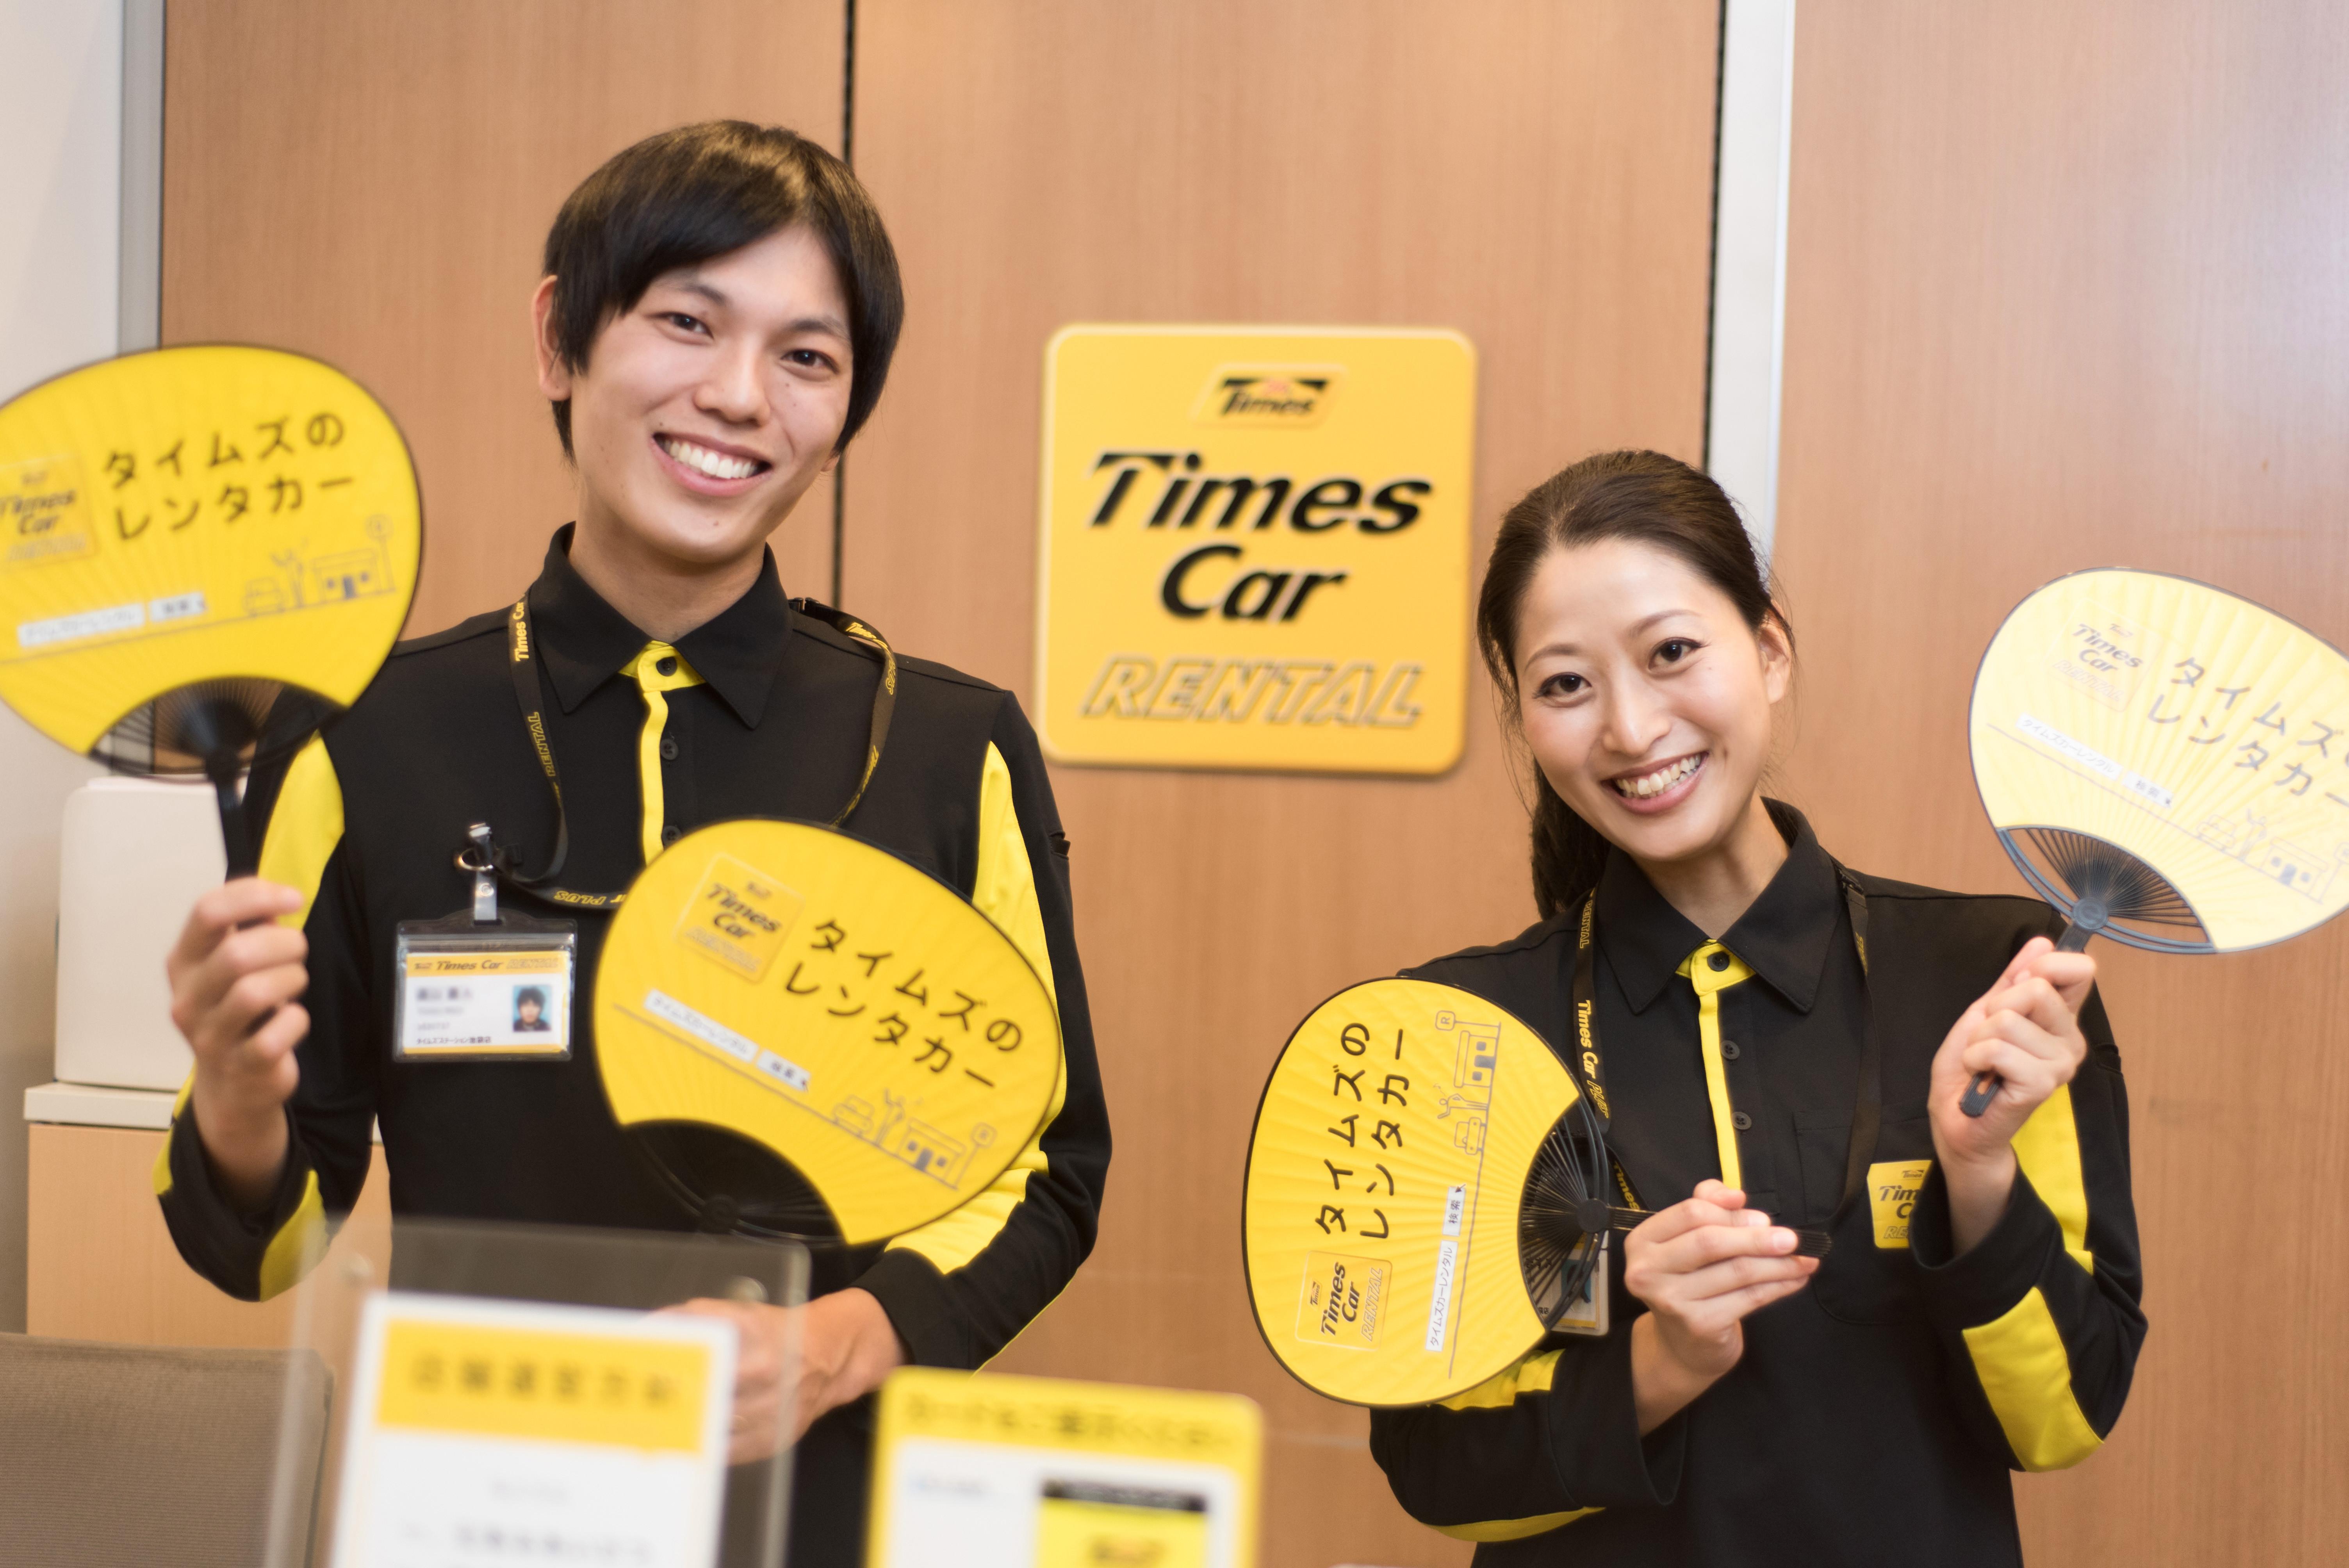 タイムズカーレンタル 石巻店 のアルバイト情報